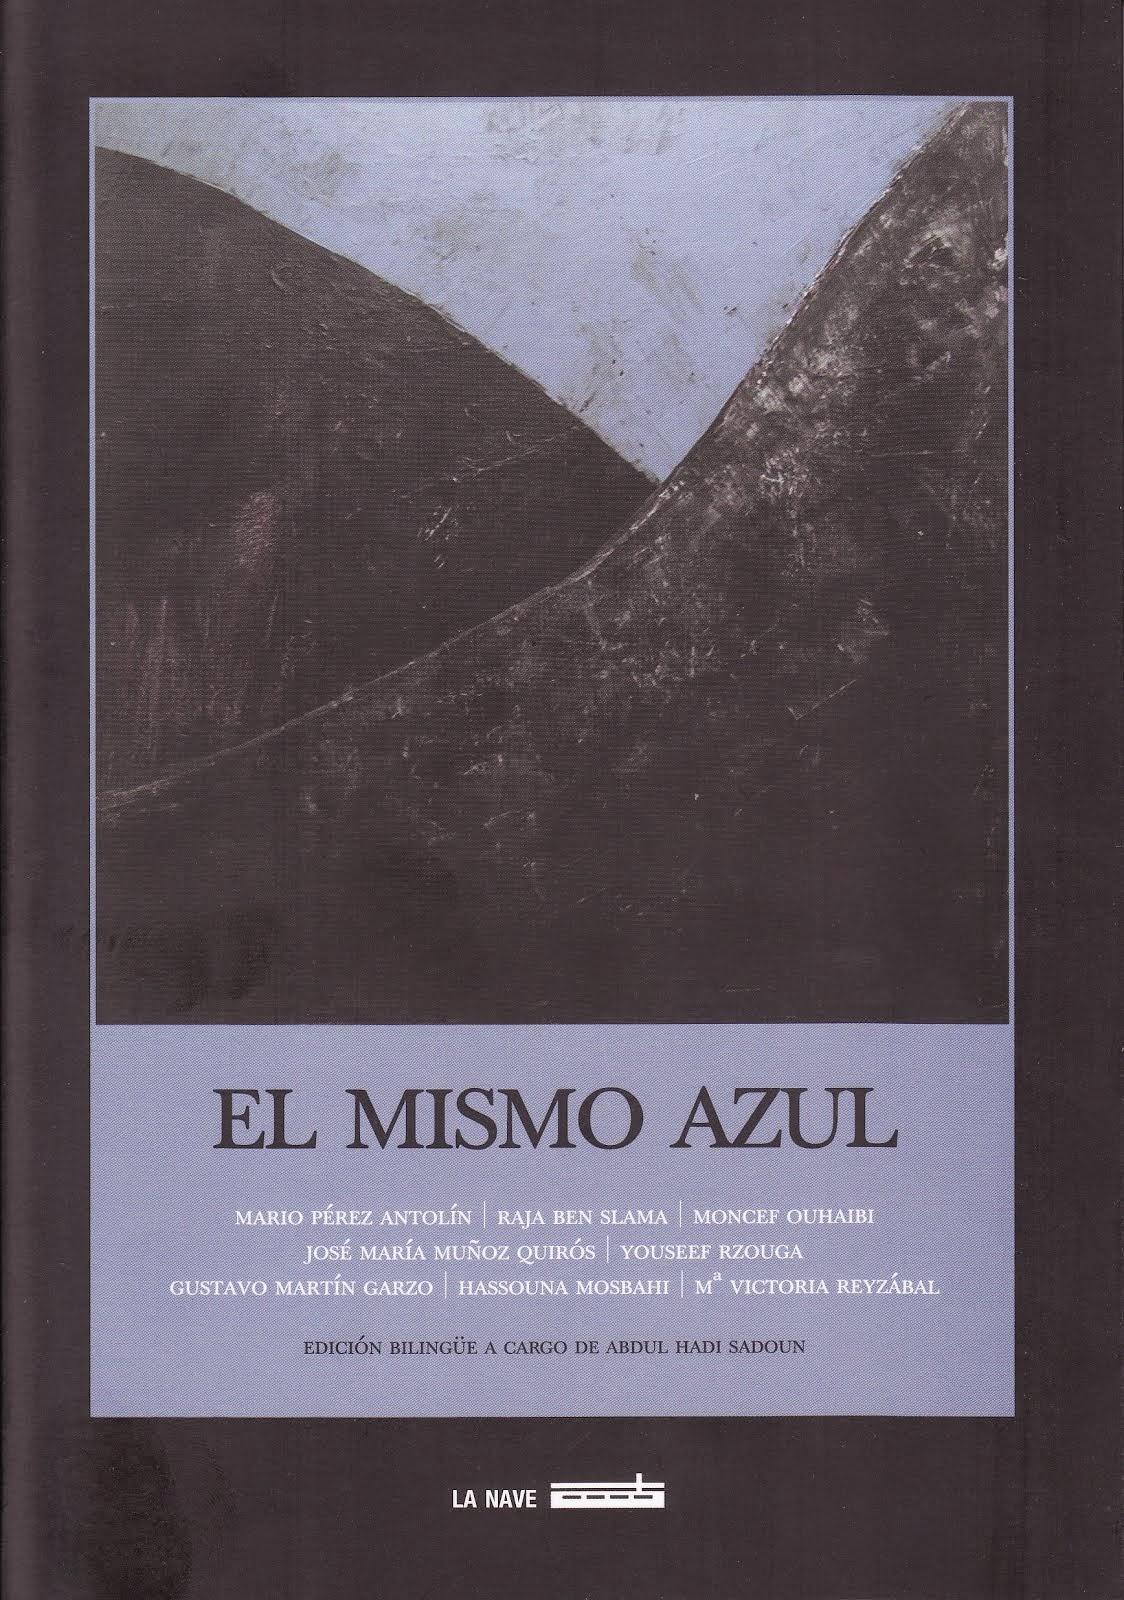 EL MISMO AZUL